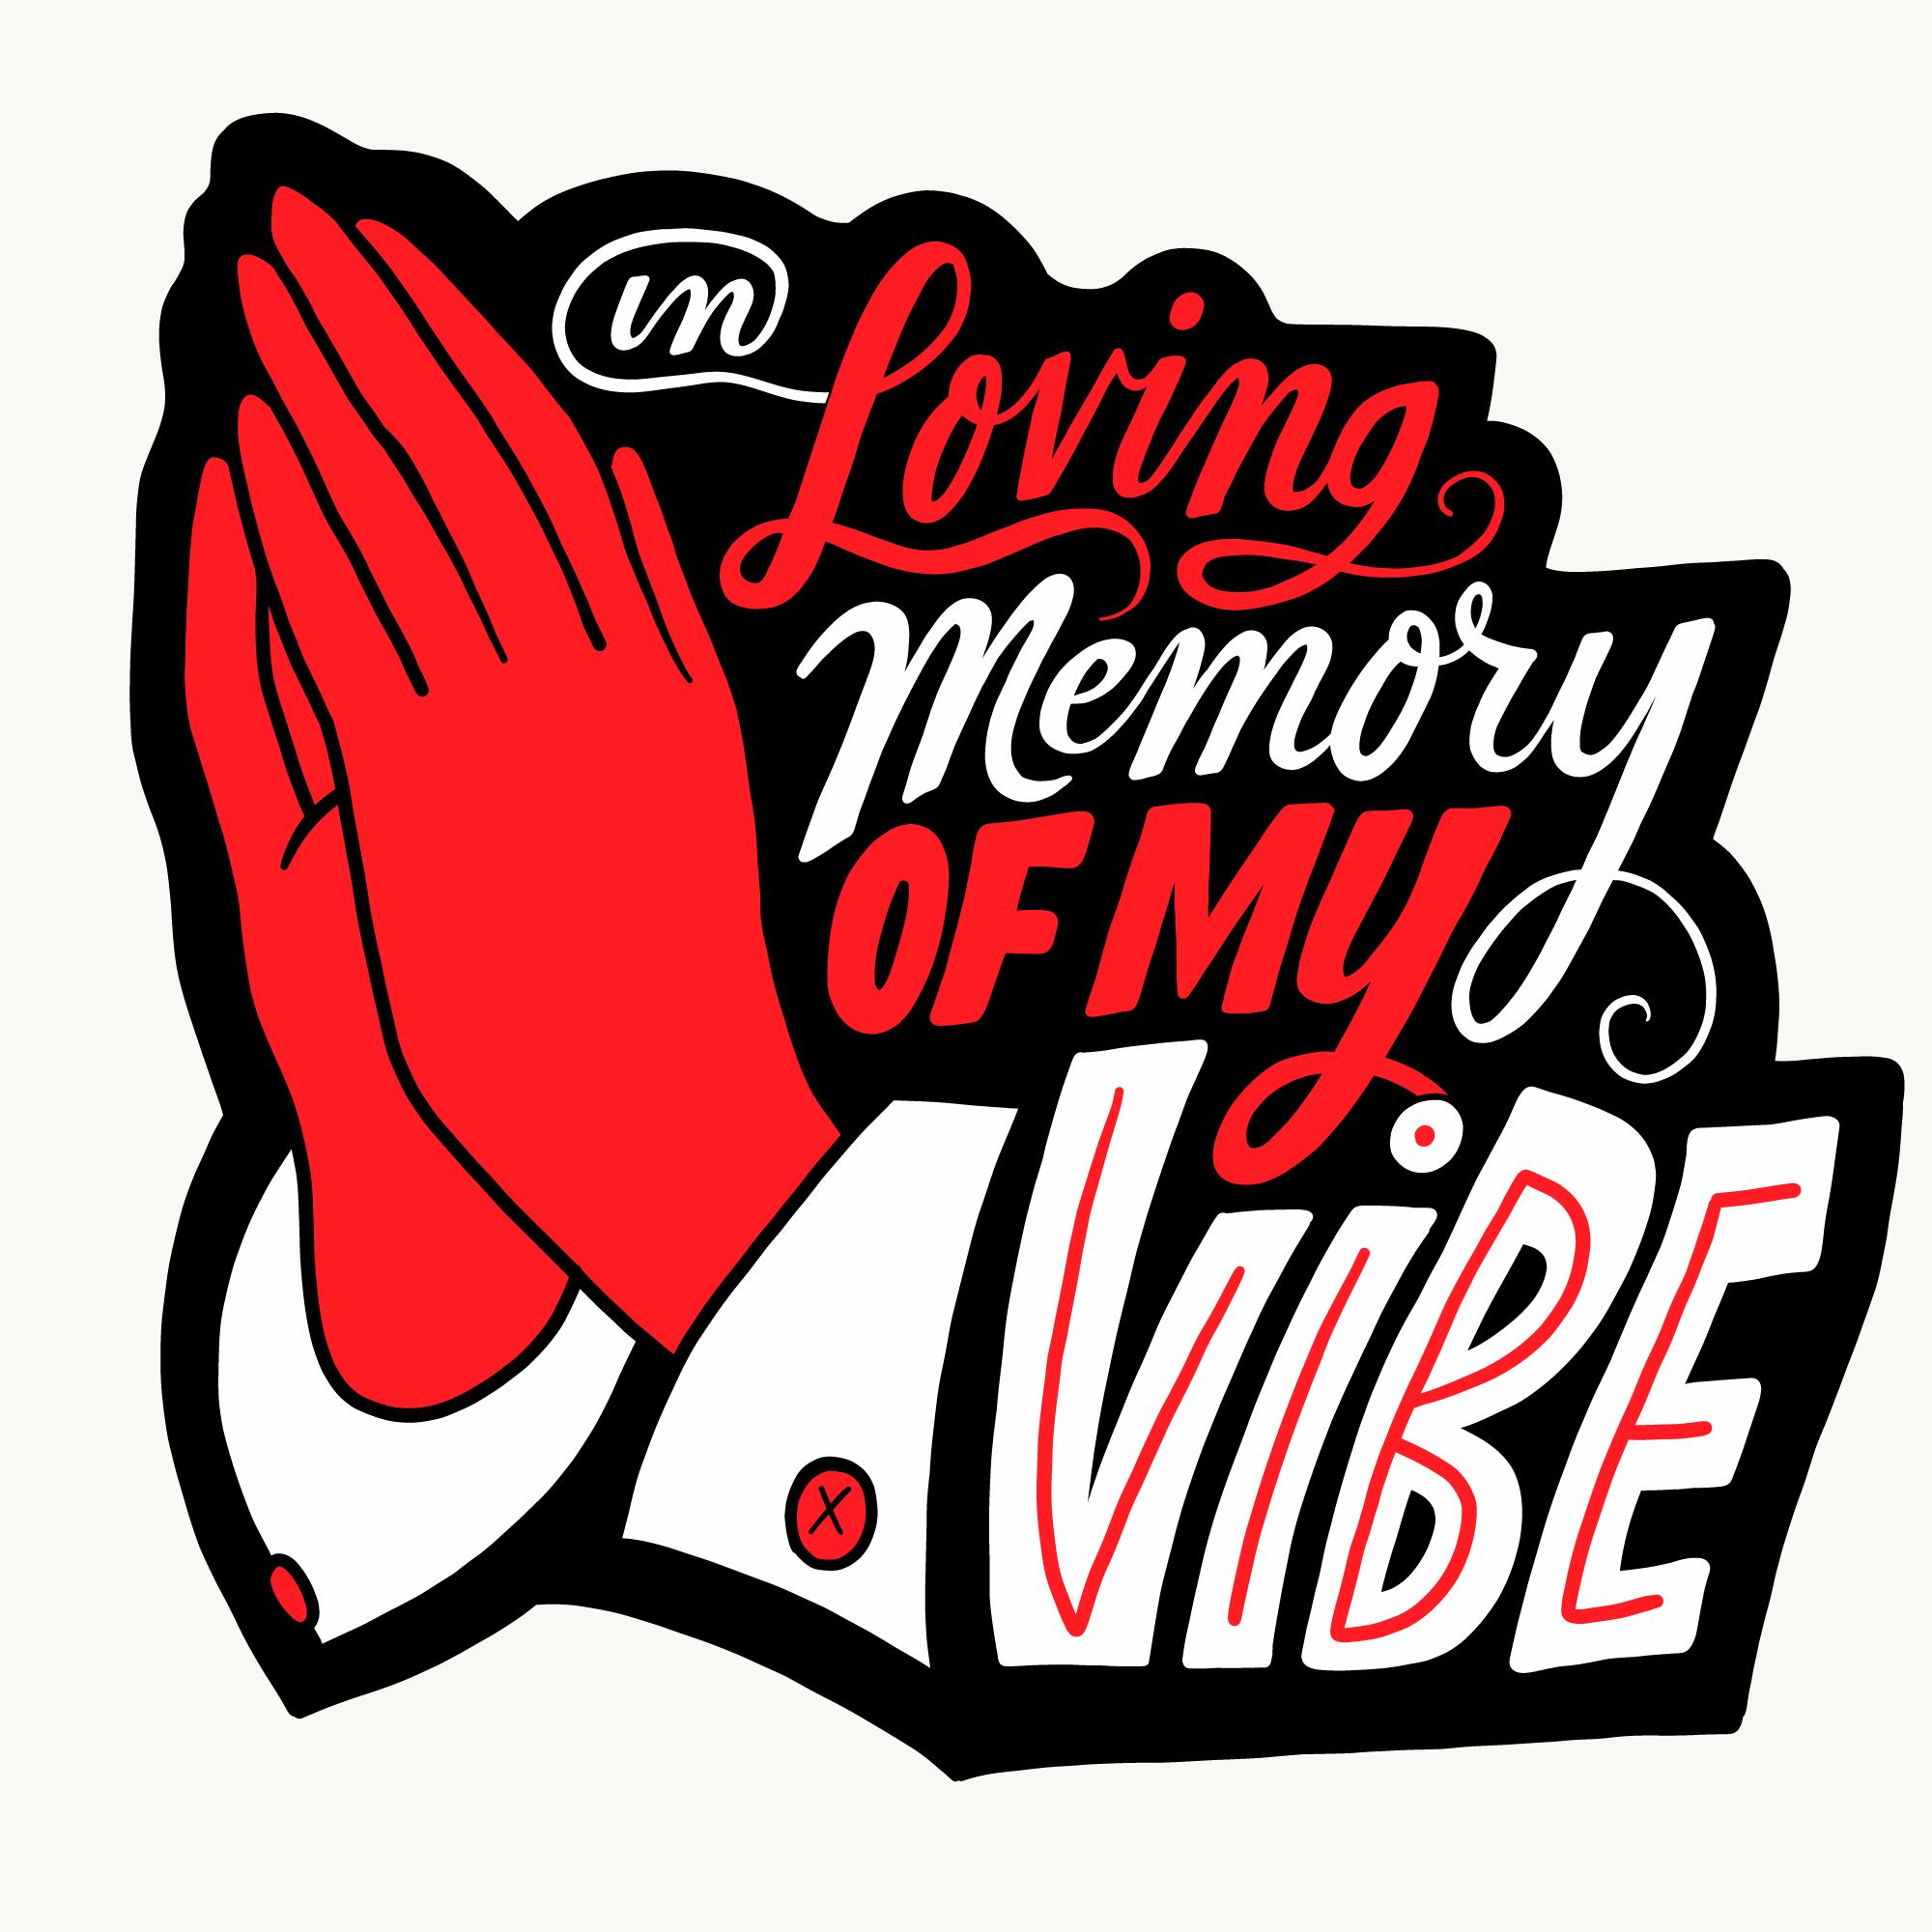 In Loving Memory of My Vibe Chris Piascik Daily